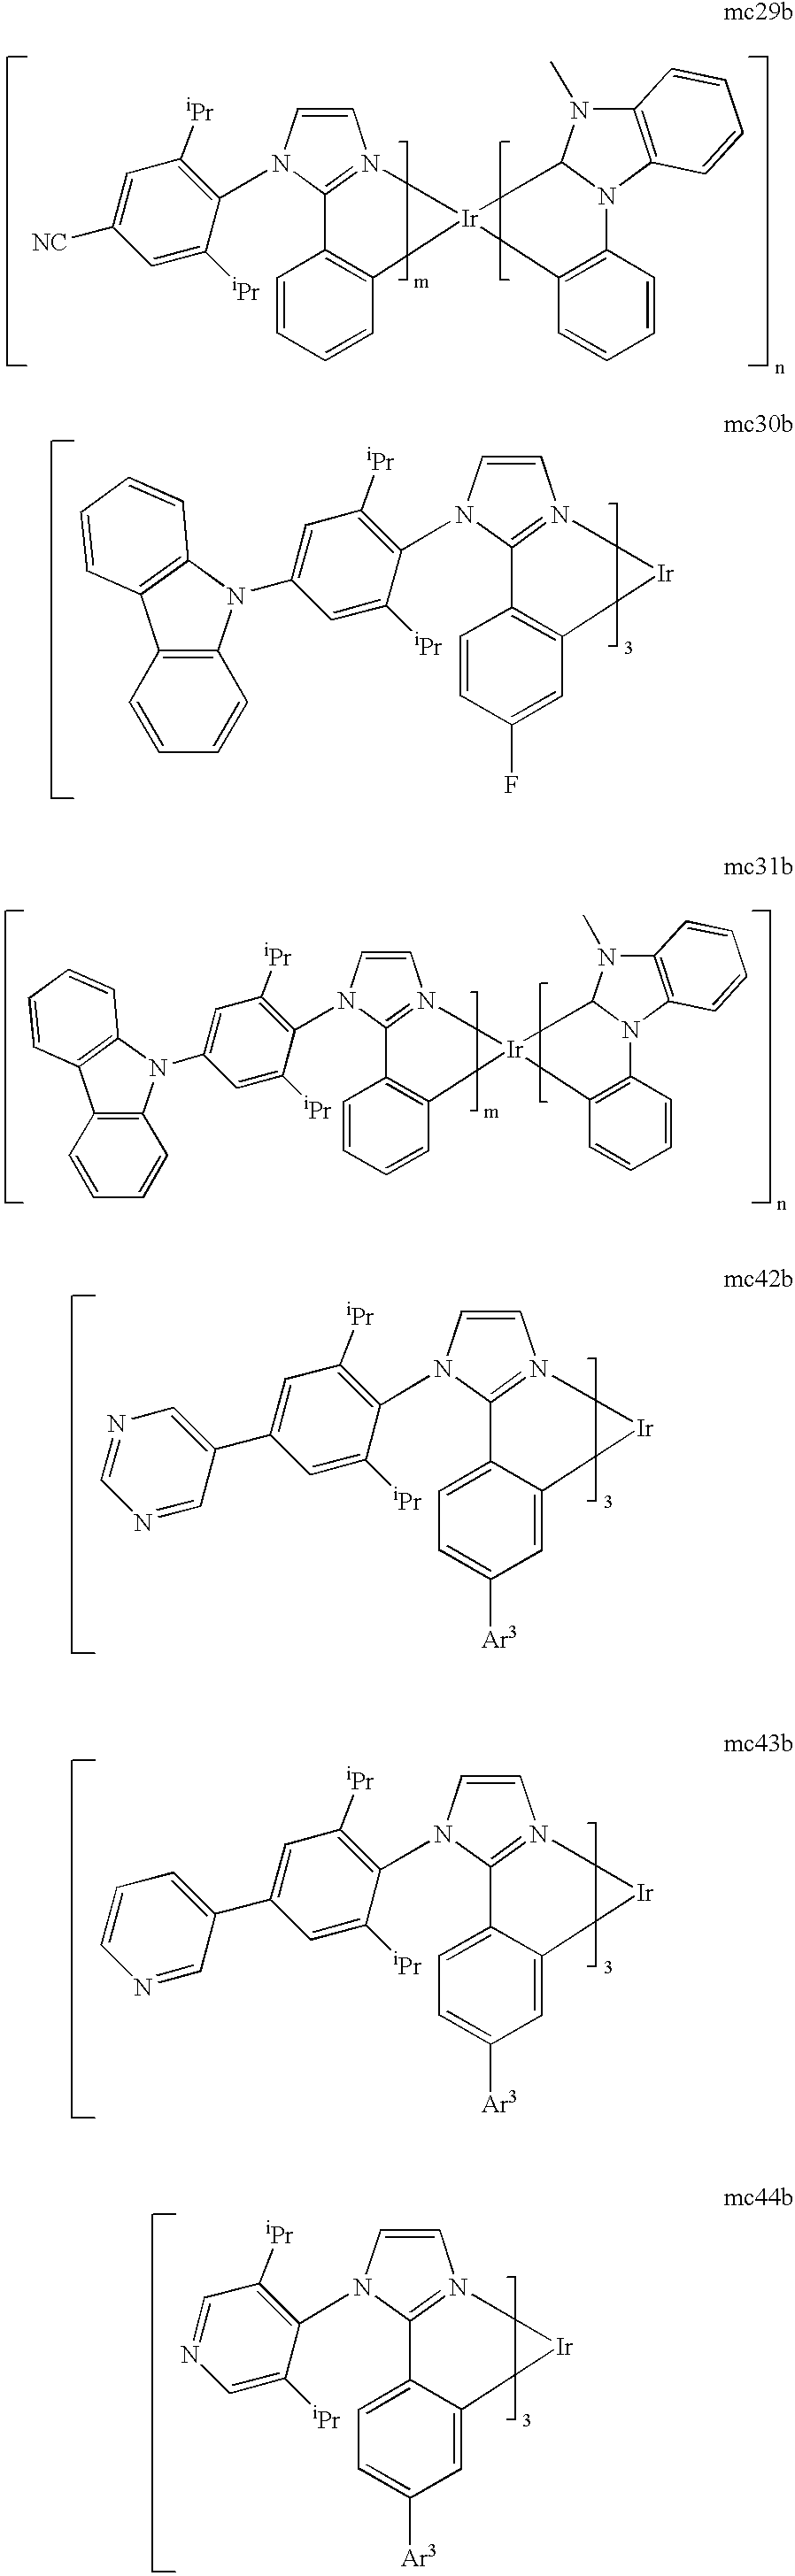 Figure US20060251923A1-20061109-C00017